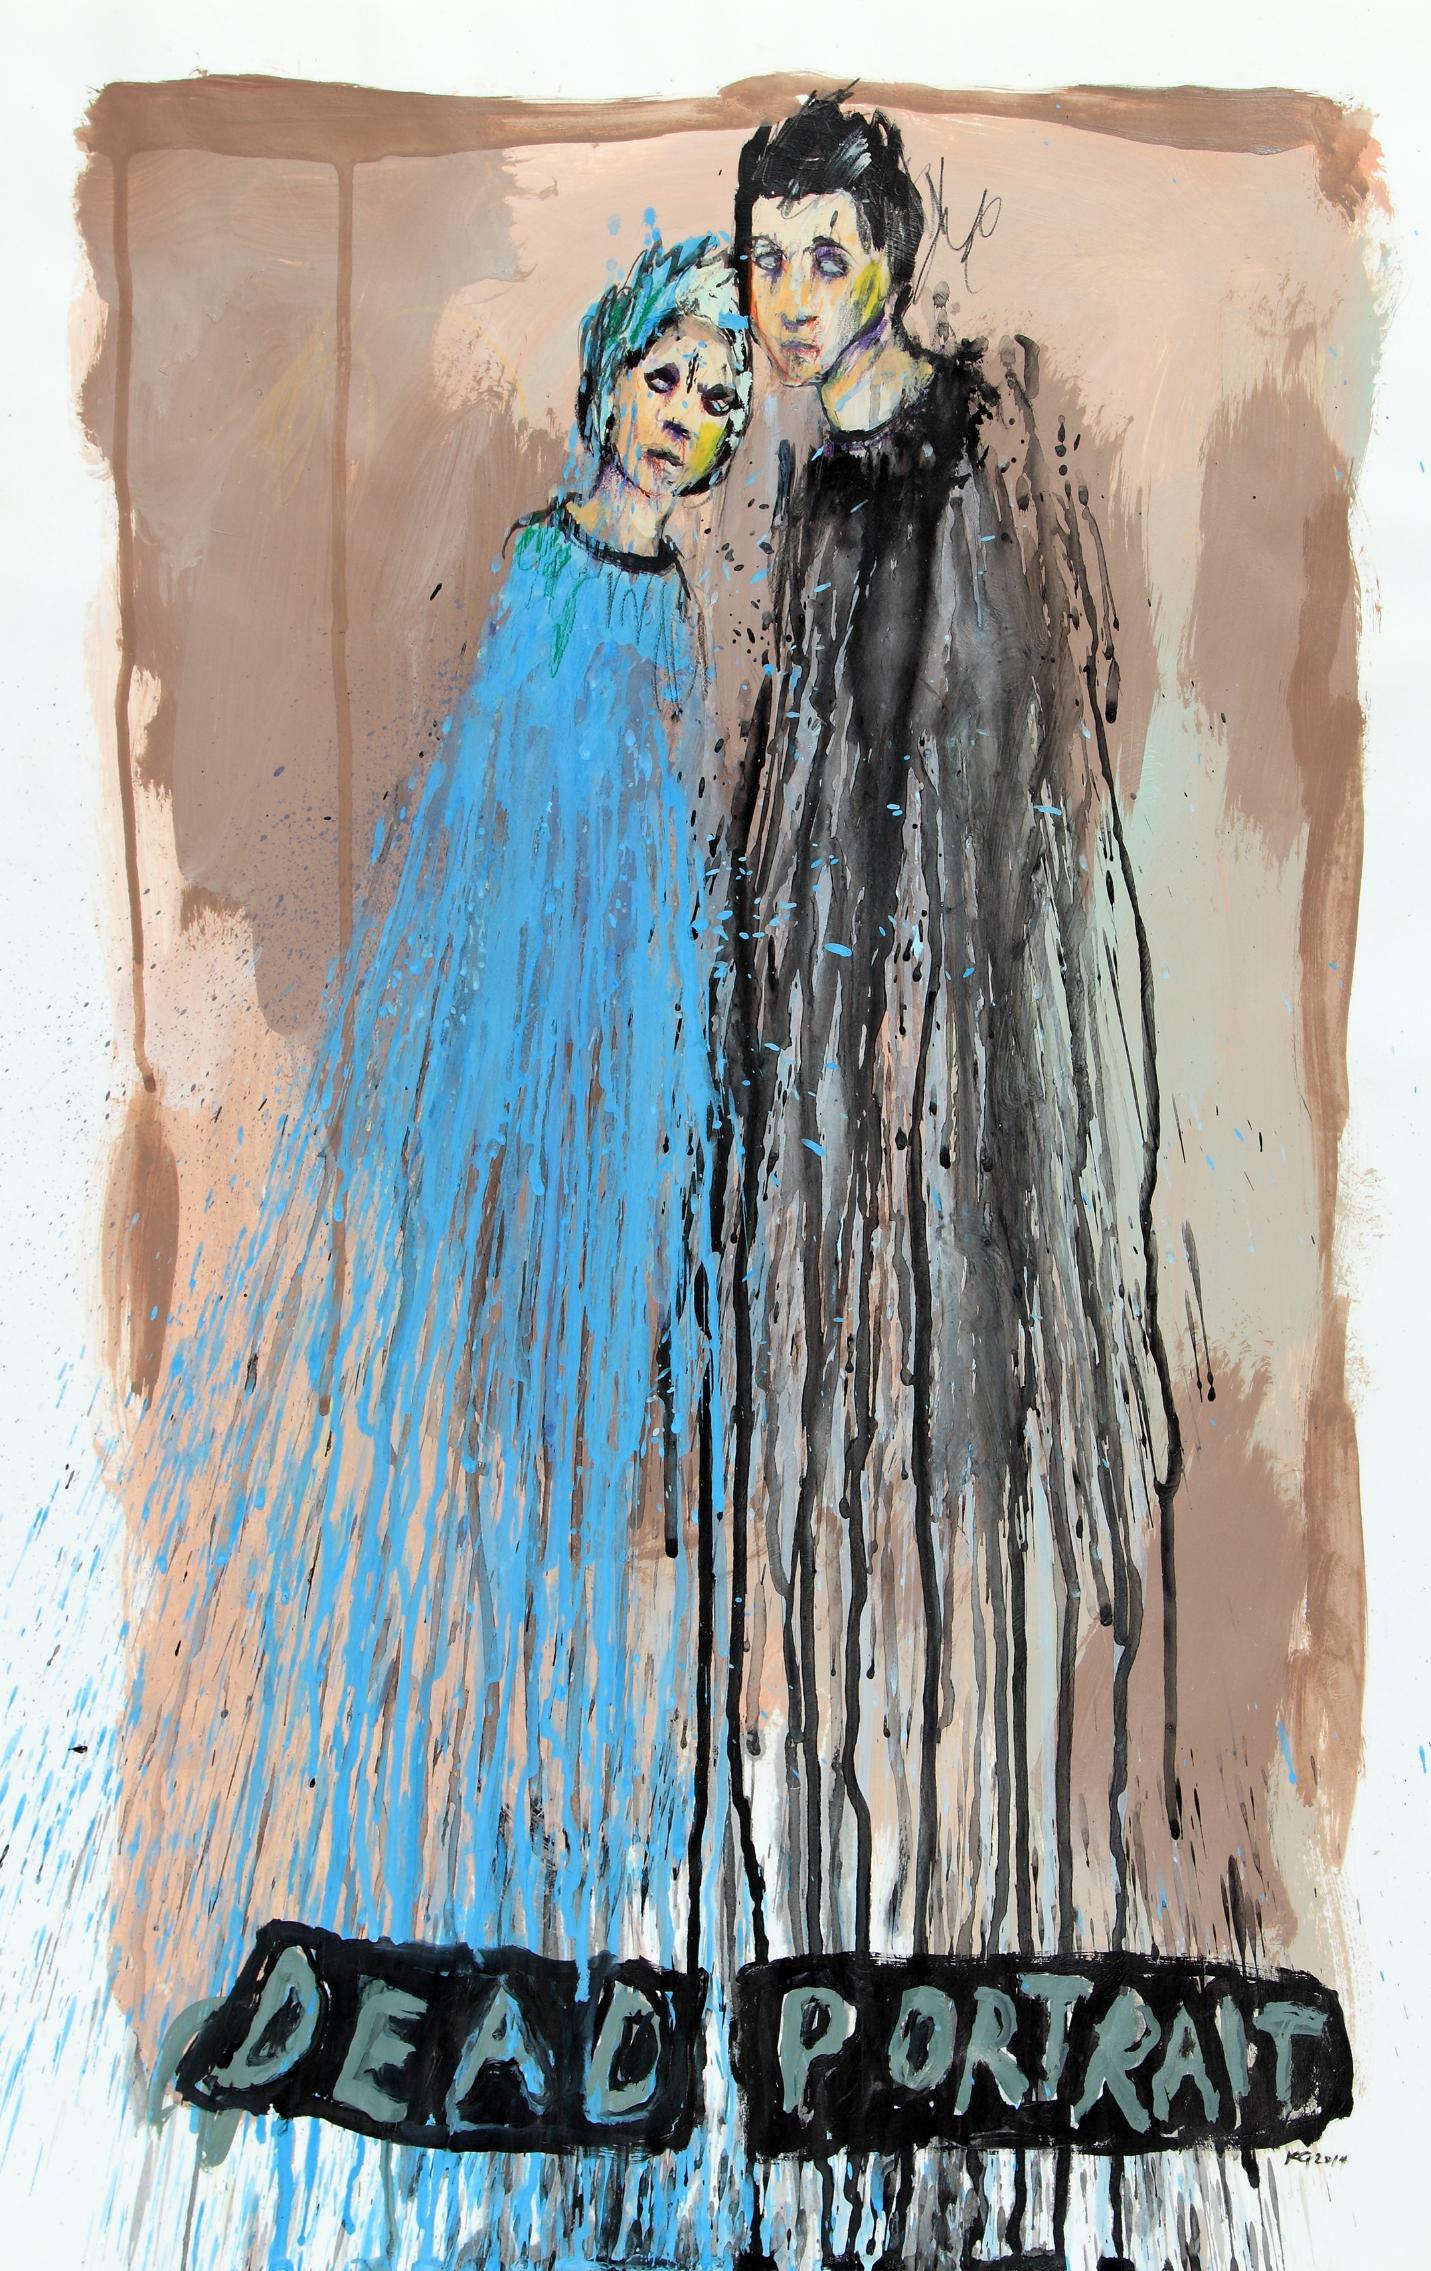 Dead Portrait,  2014  Acrylic on paper 16 1/2 x 23 1/4 in.